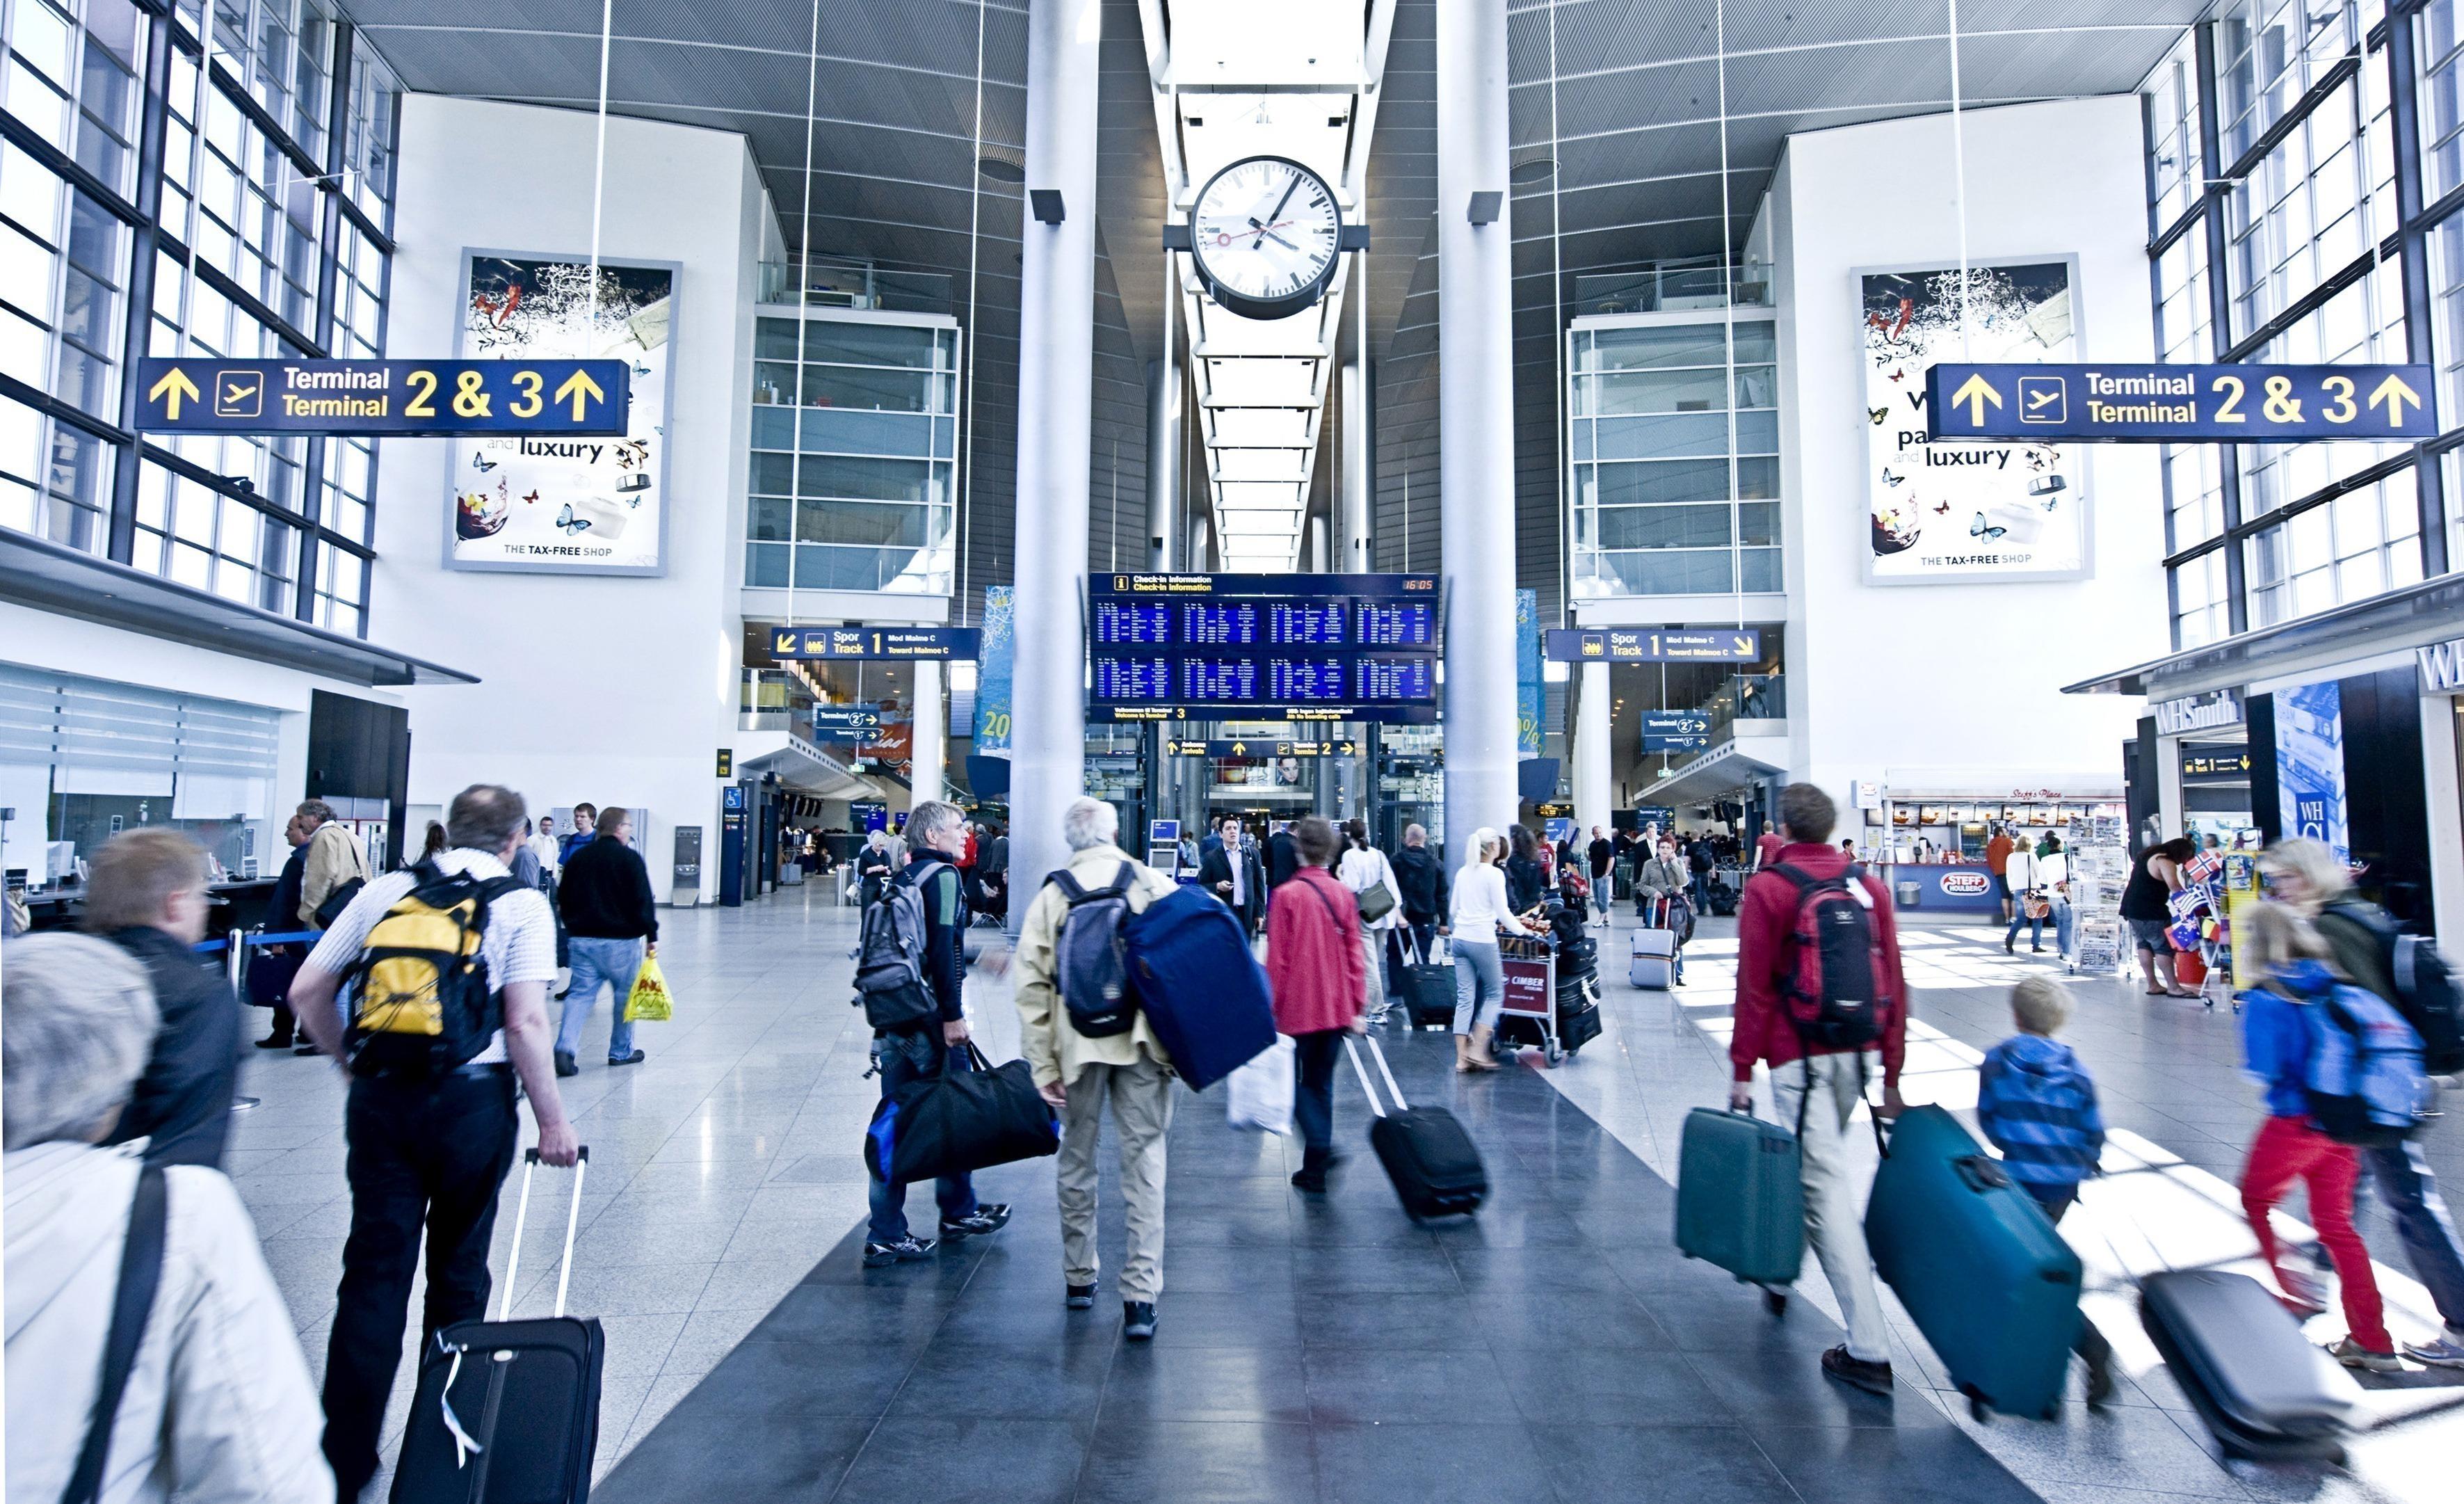 Check-in i terminal 3 i Københavns Lufthavn (foto: Københavns Lufthavn)